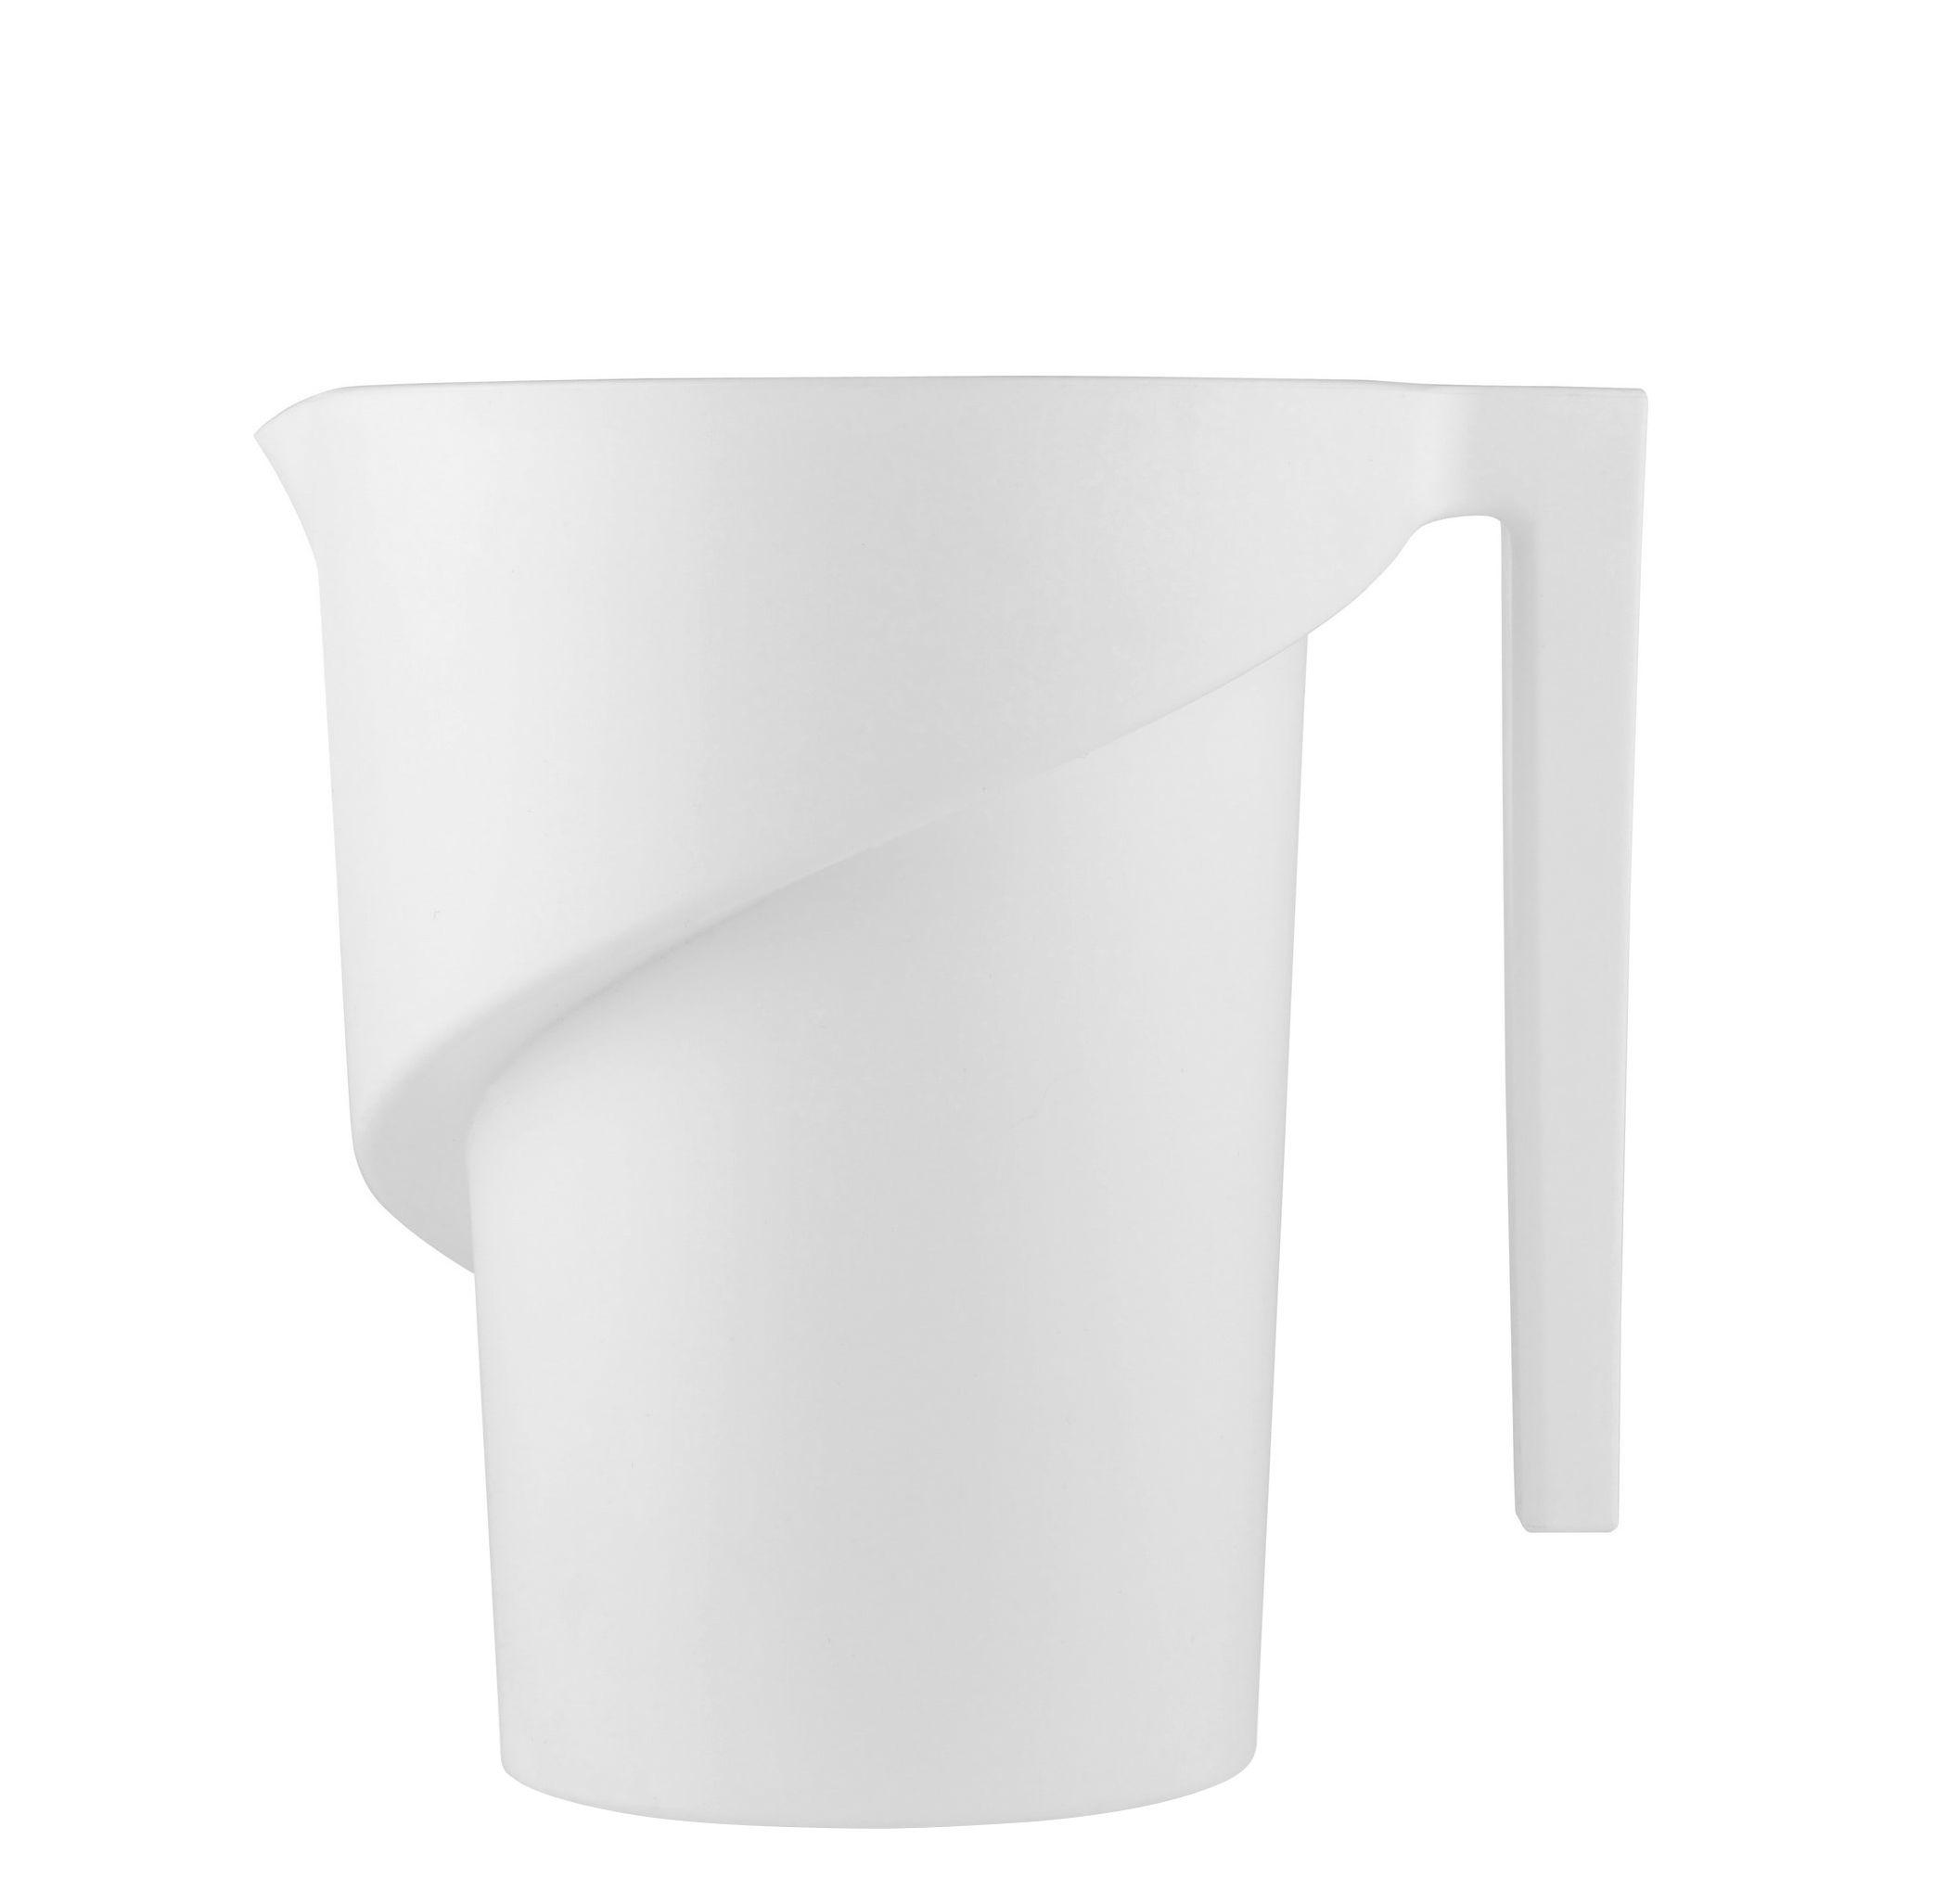 Küche - Küchenutensilien - Twisted Messglas - Alessi - Weiß - thermoplastisches Harz